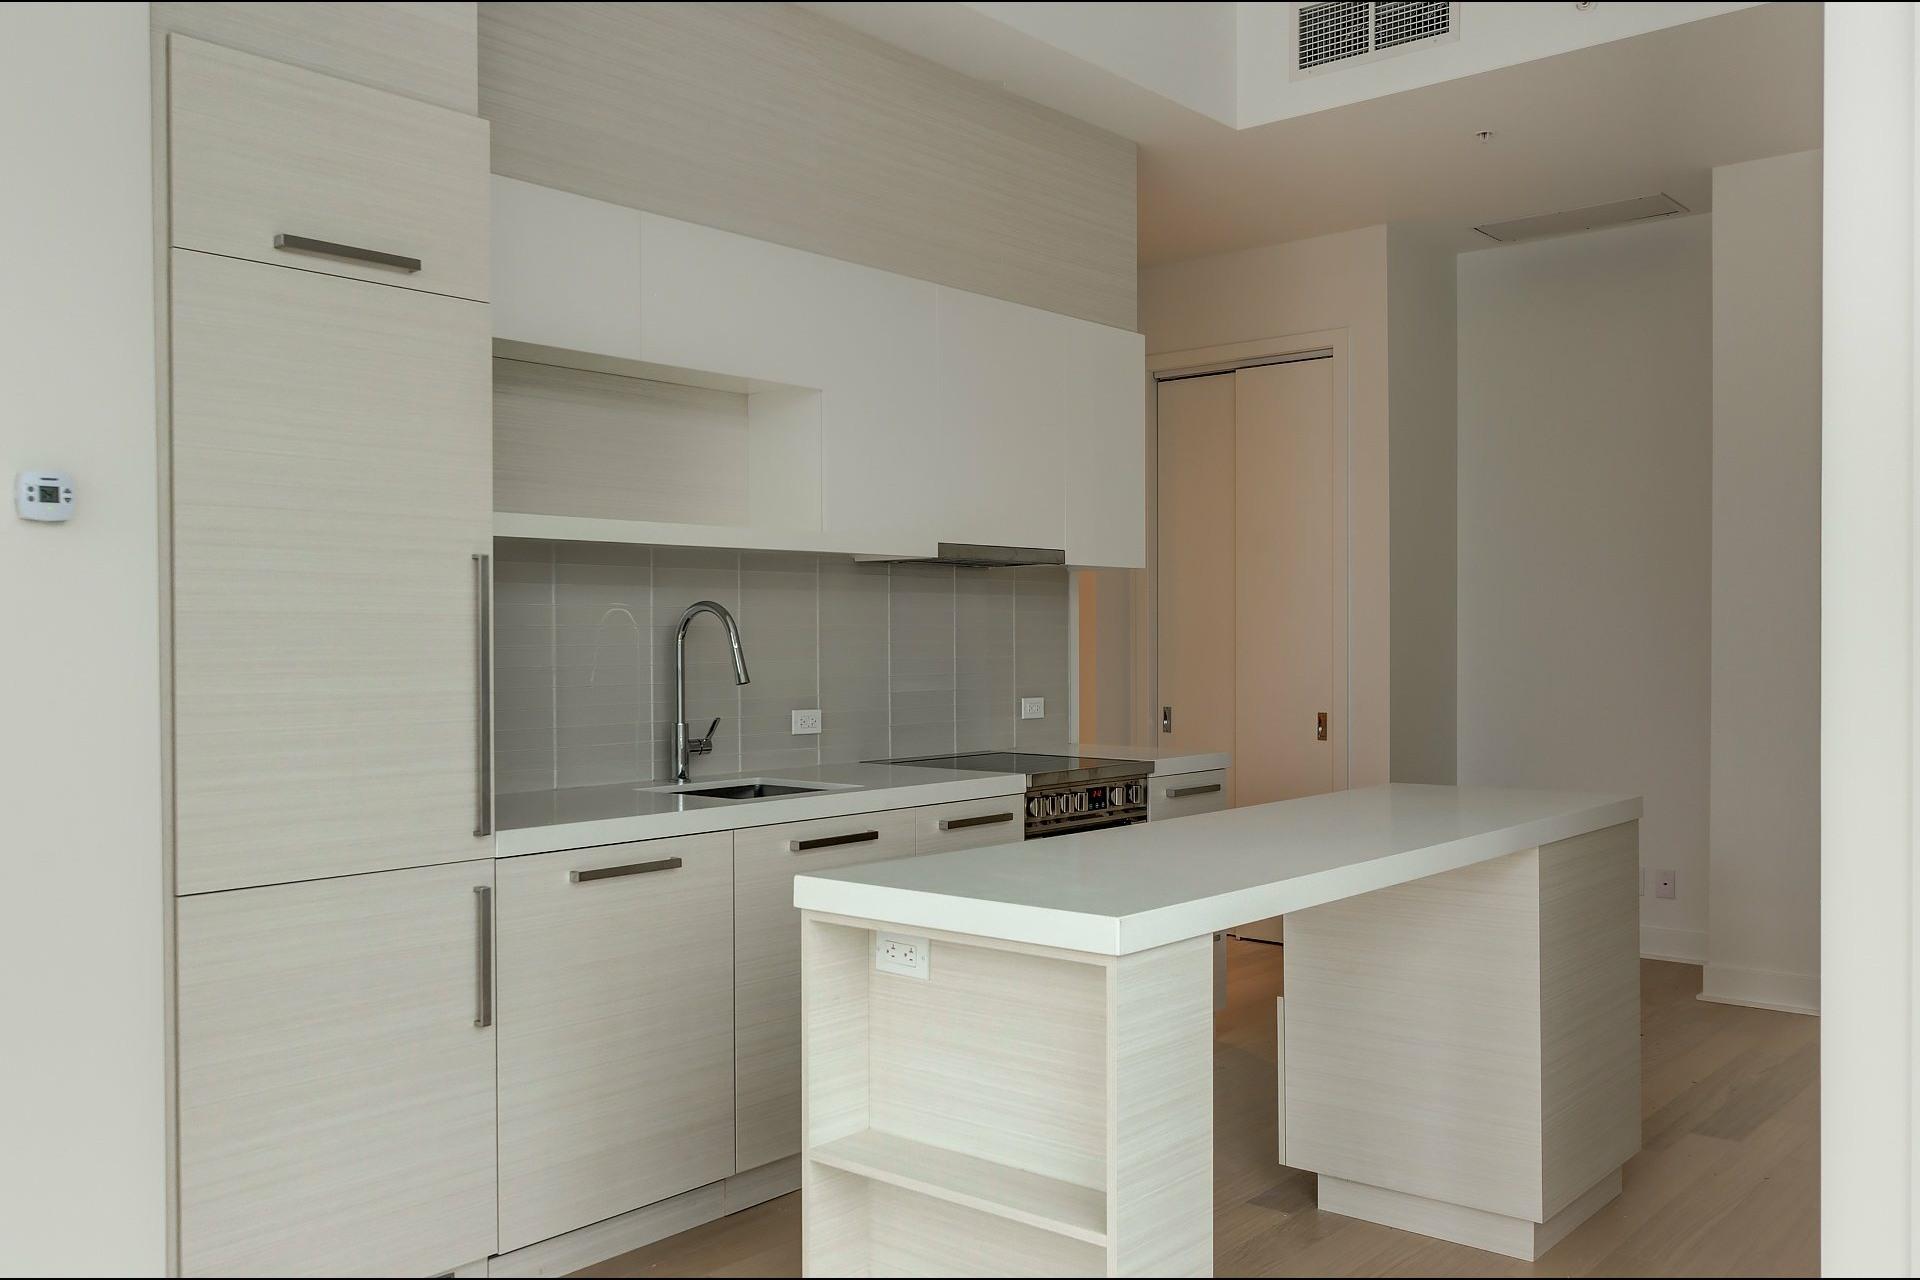 image 20 - Apartment For sale Montréal Ville-Marie  - 4 rooms